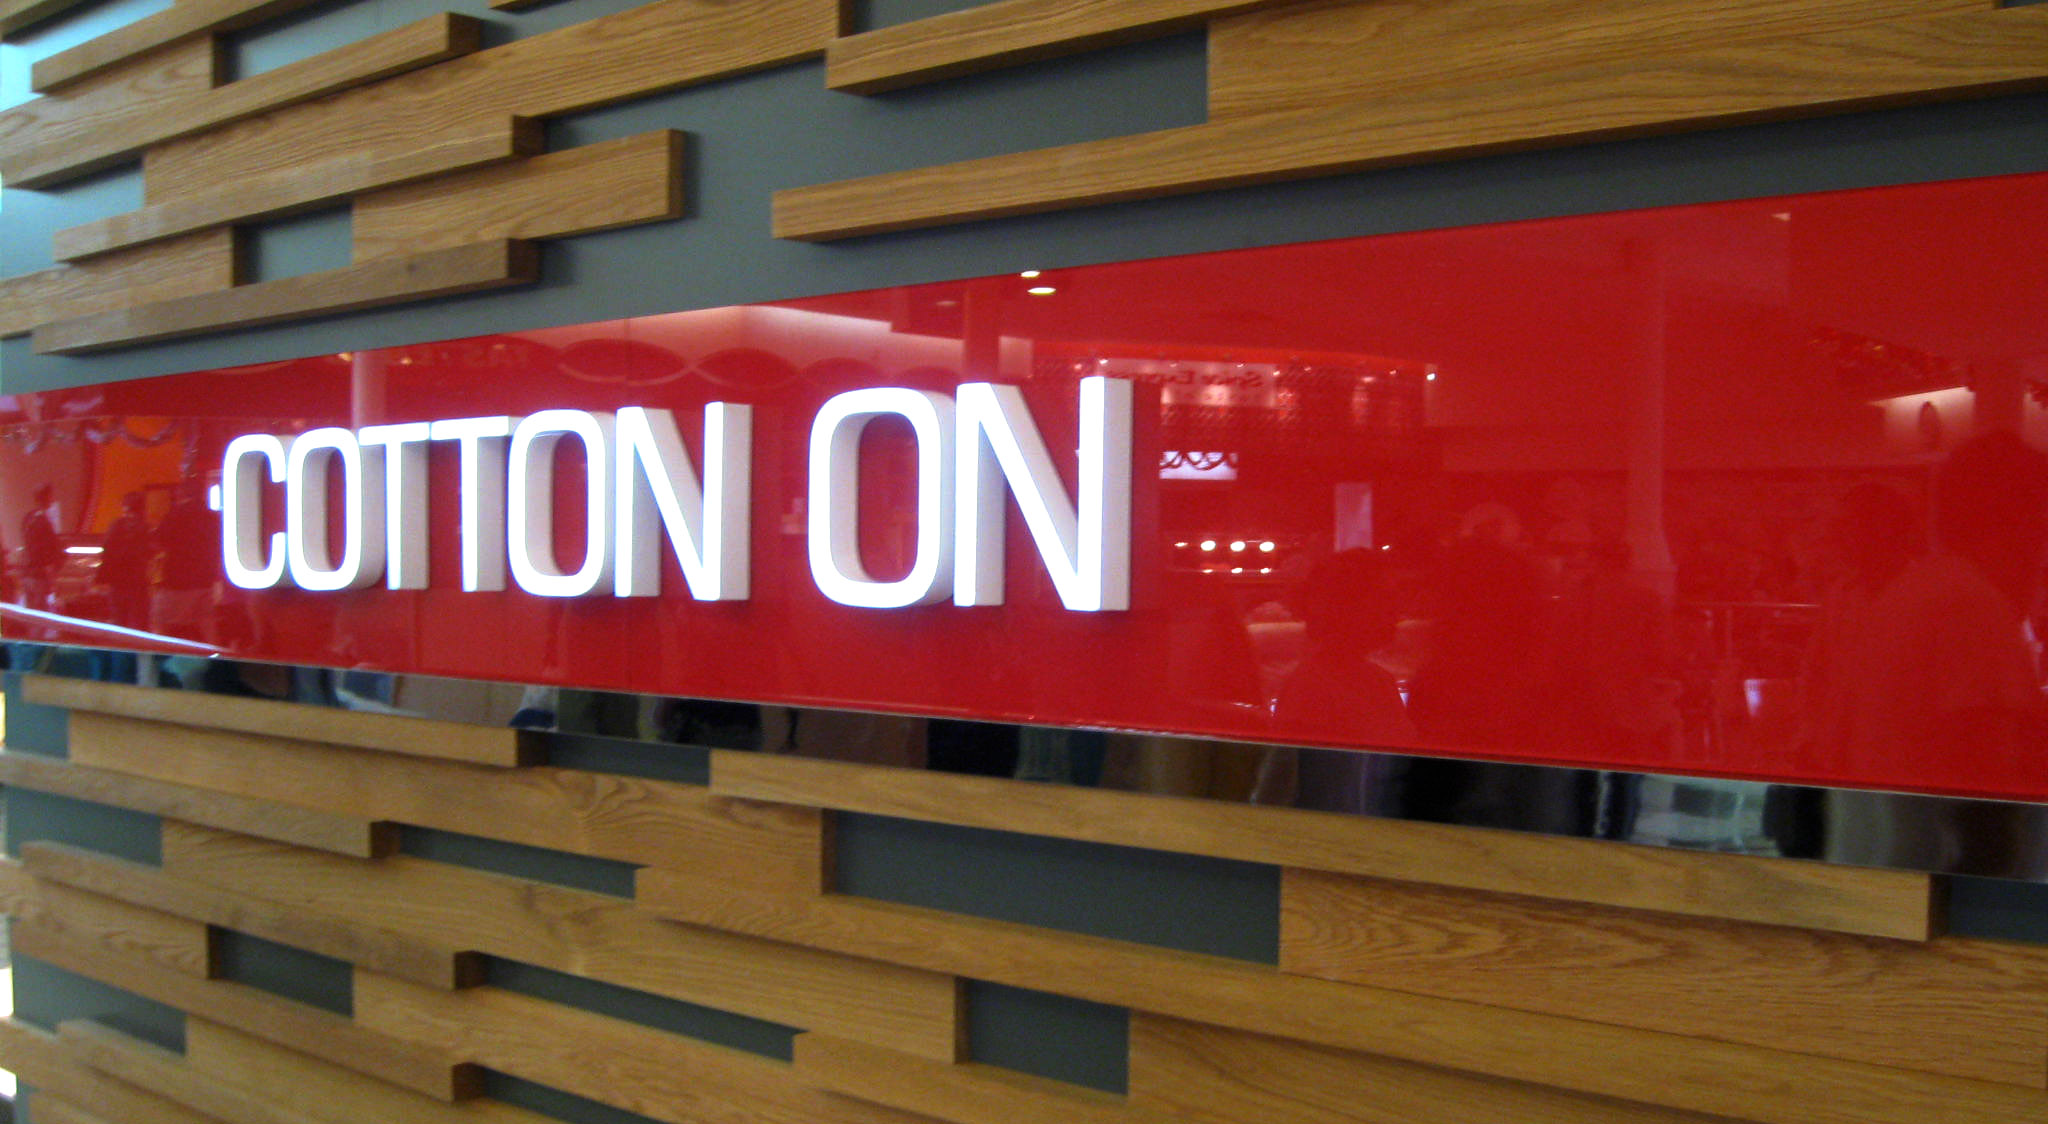 Contton On 3D Lettering